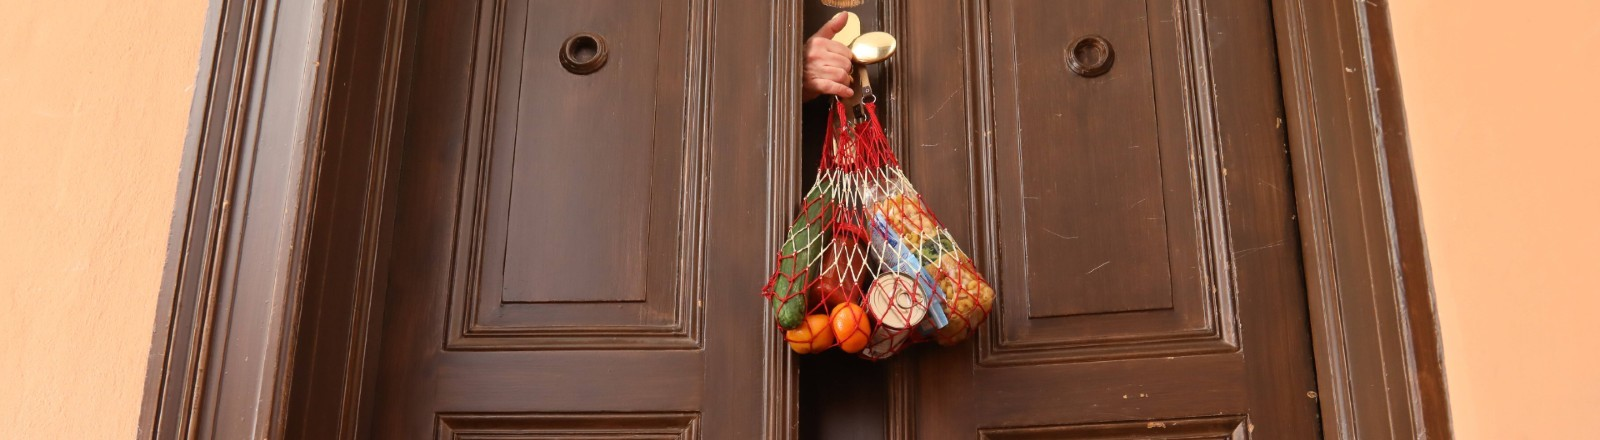 Einkäufe werden kontaktlos in eine Wohnung geholt.